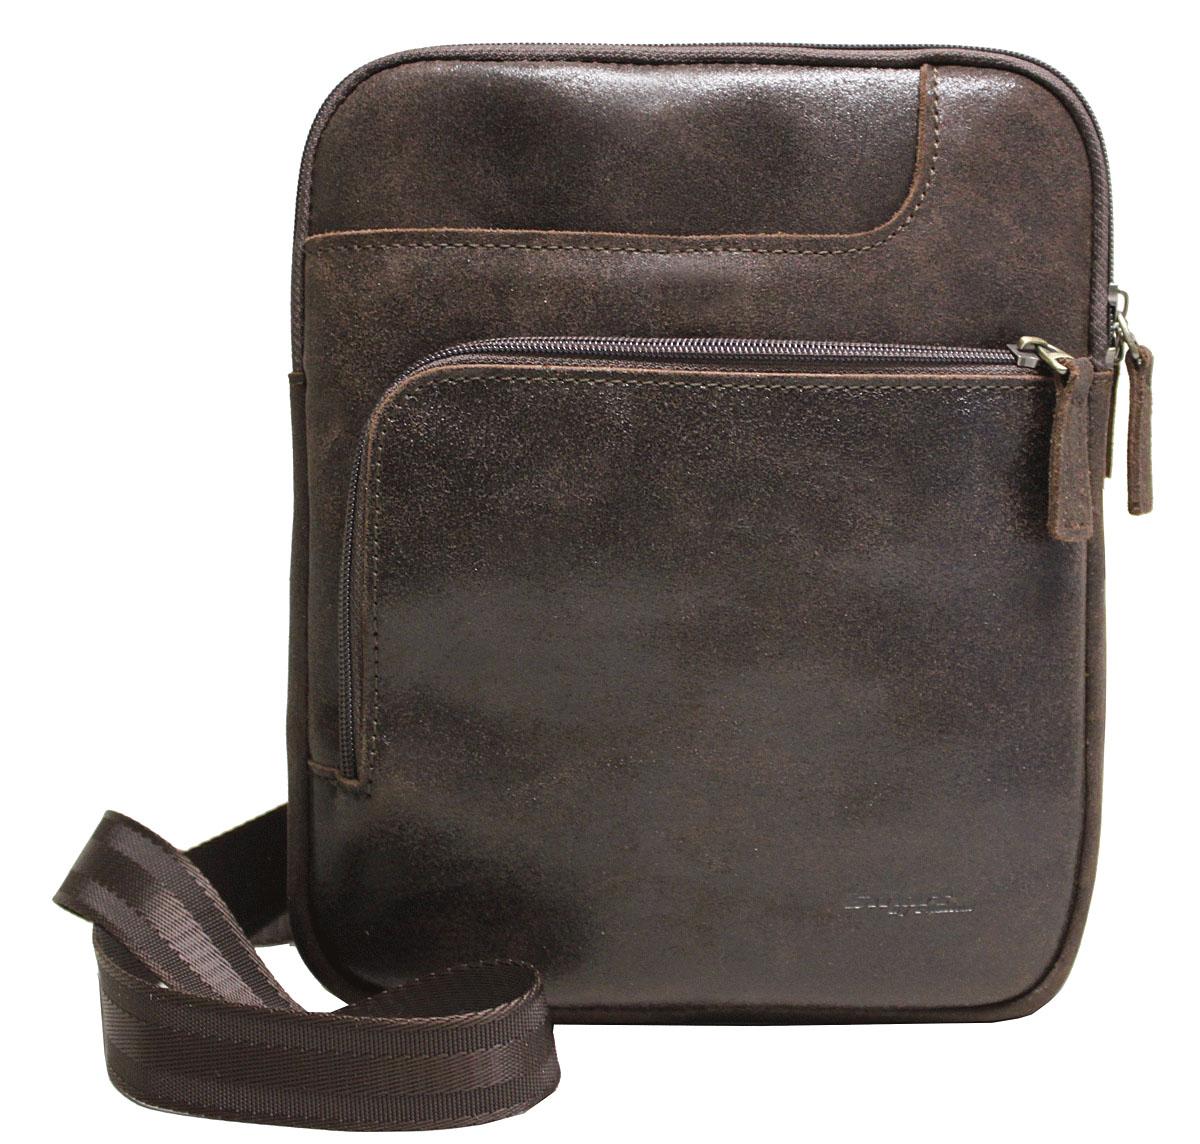 Сумка-планшет мужская Edmins Smart by Edmins, цвет: коричневый. 15С681КЗ15С681КЗМужская сумка Edmins имеет одно отделение, закрывающееся на застежку-молнию. Оснащена регулируемым плечевым ремнем. C тыльной стороны сумки расположен прорезной карман на застежке-молнии. С передней стороны имеется накладной карман на молнии и накладной карман на магните.